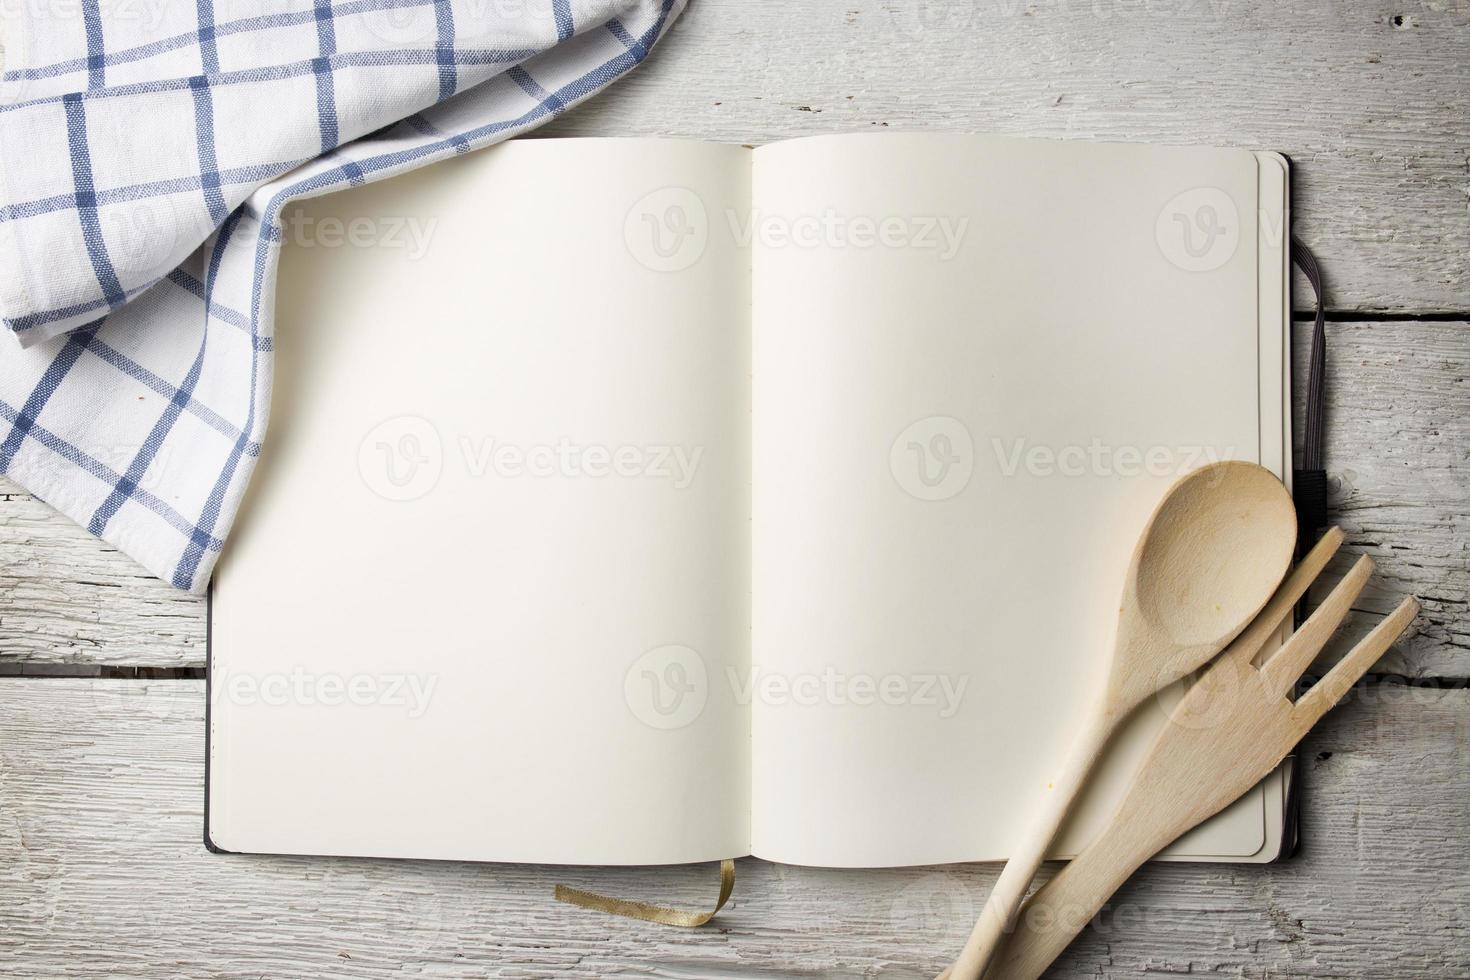 ricettario bianco sul tavolo di legno foto